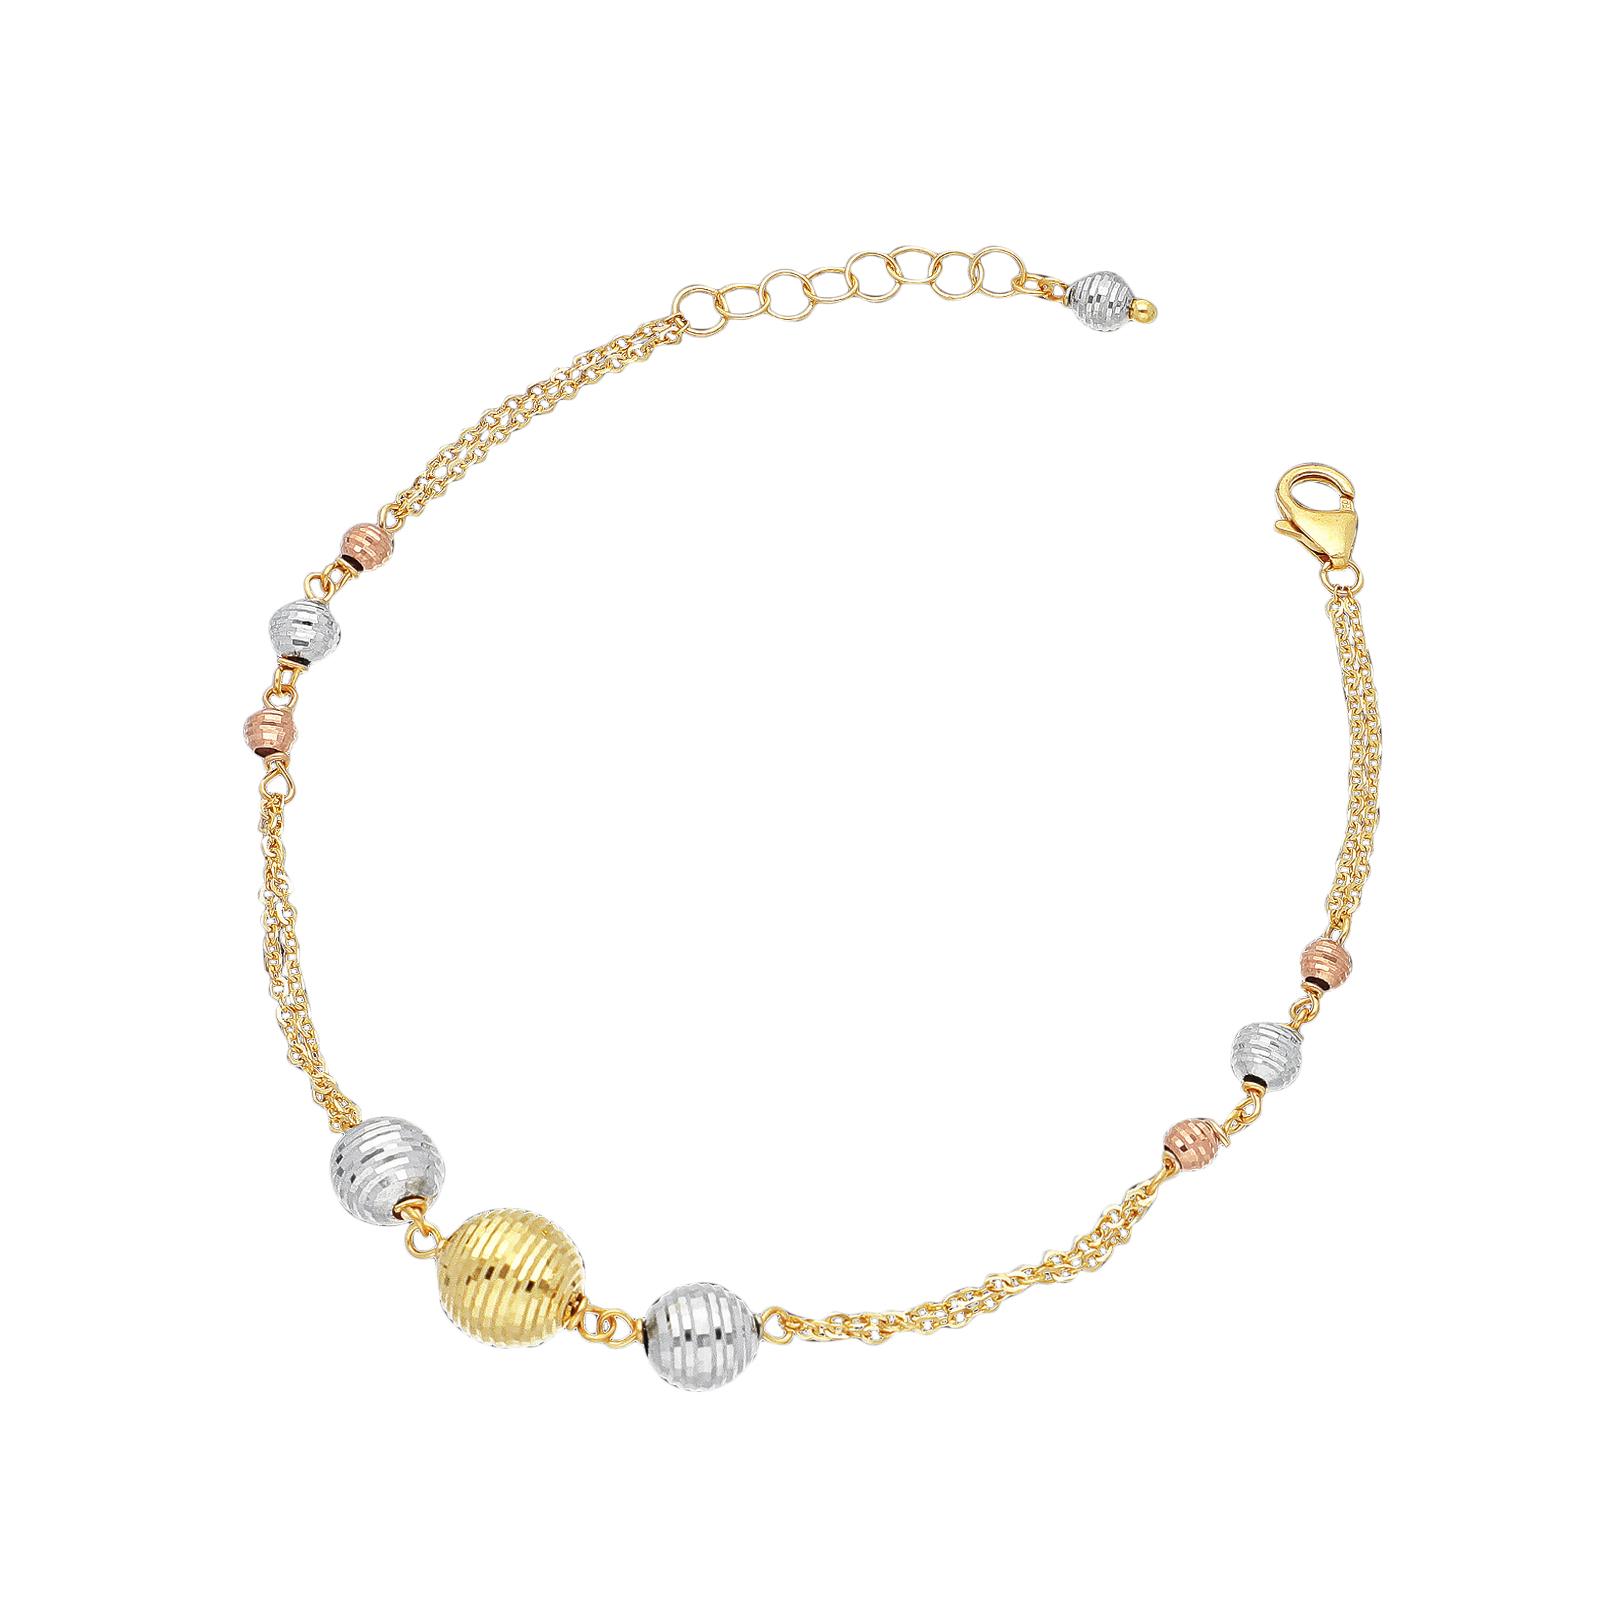 Bracelet 18k White Gold, Gold, Rose Gold with spheres